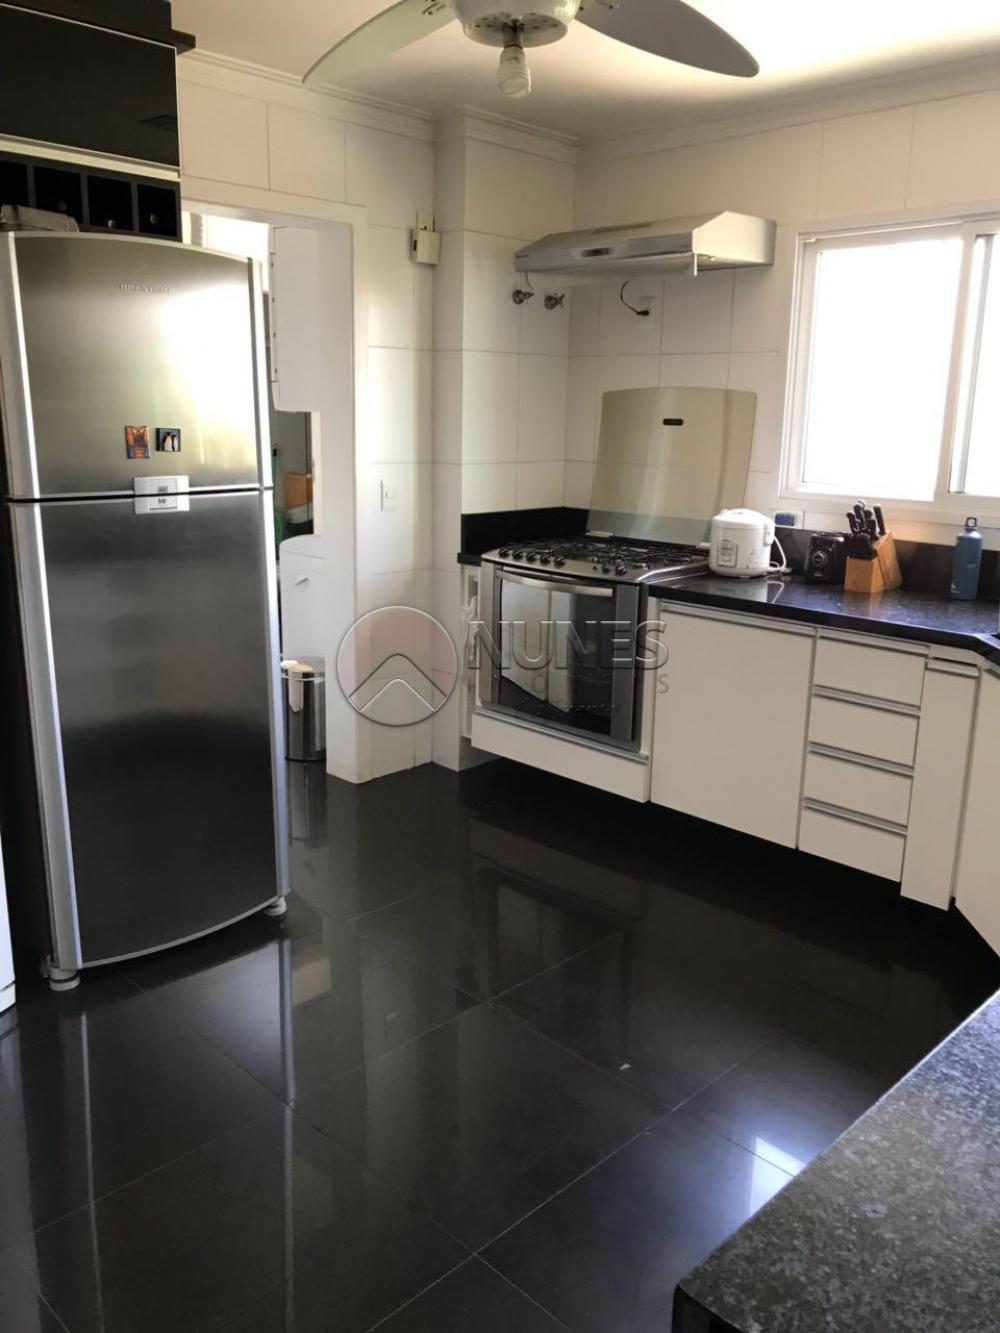 Comprar Apartamento / Padrão em Osasco apenas R$ 1.495.000,00 - Foto 6